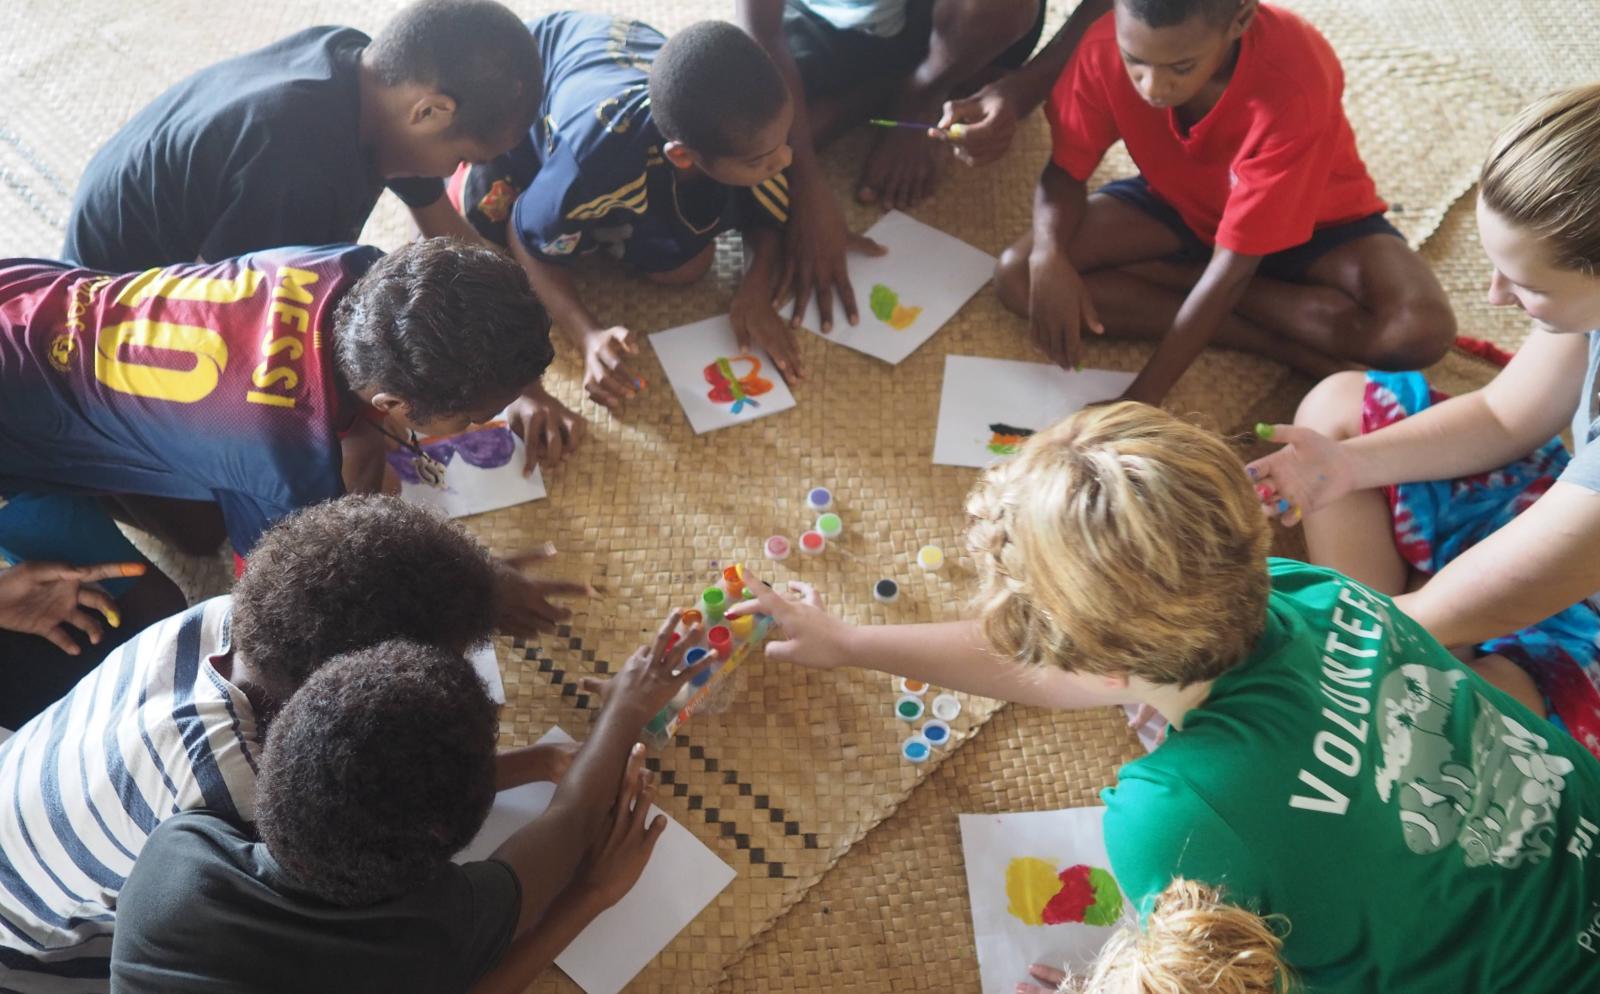 En Projects Abroad volontär spelar lärande spel med barn på en förskola, istället för att volontärarbeta på ett barnhem utomlands.